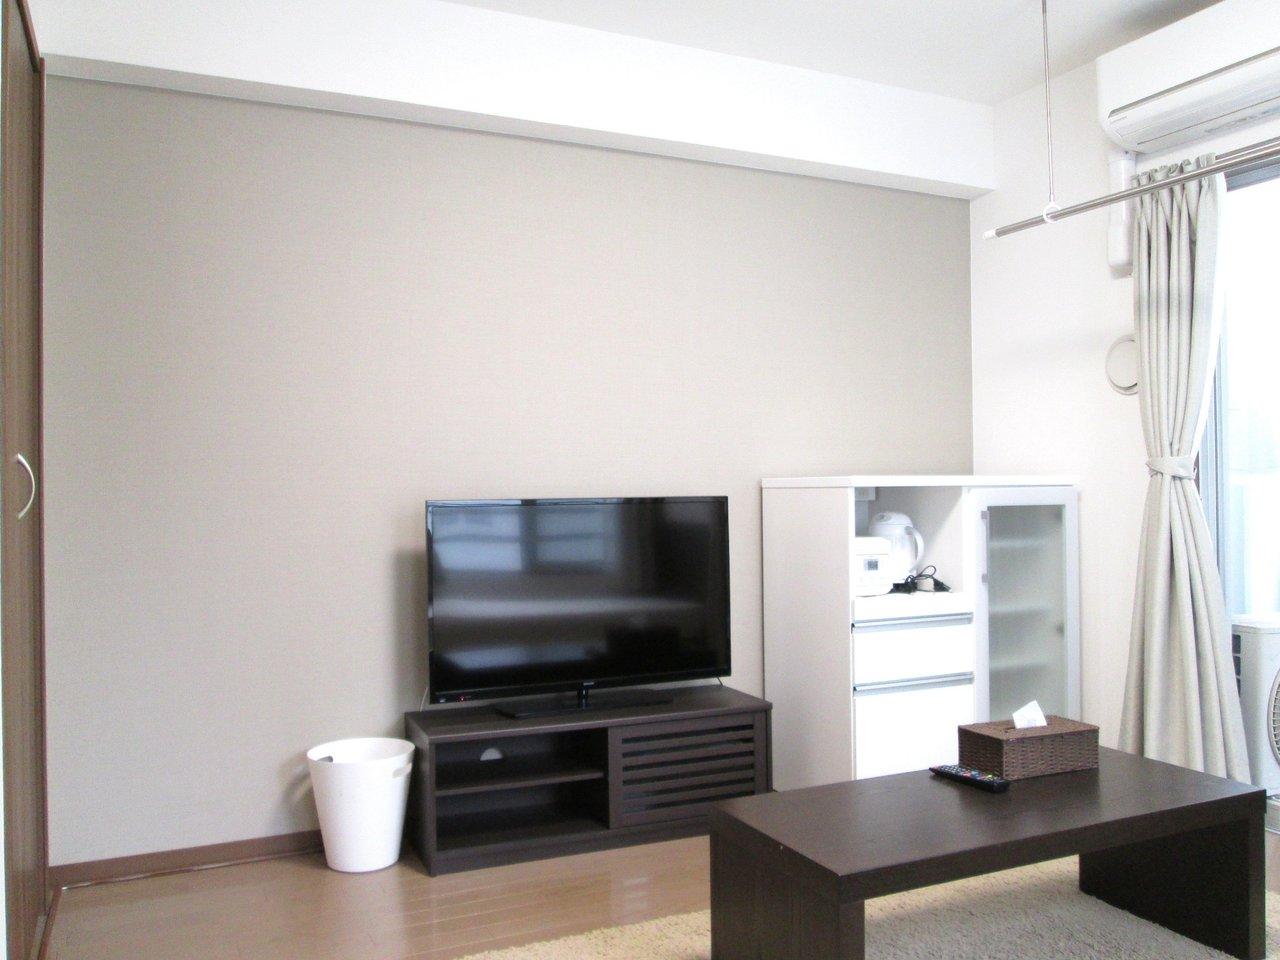 ベッドやテレビ、冷蔵庫などの家電も一通りそろっているので、すぐにでも生活を始められそう。